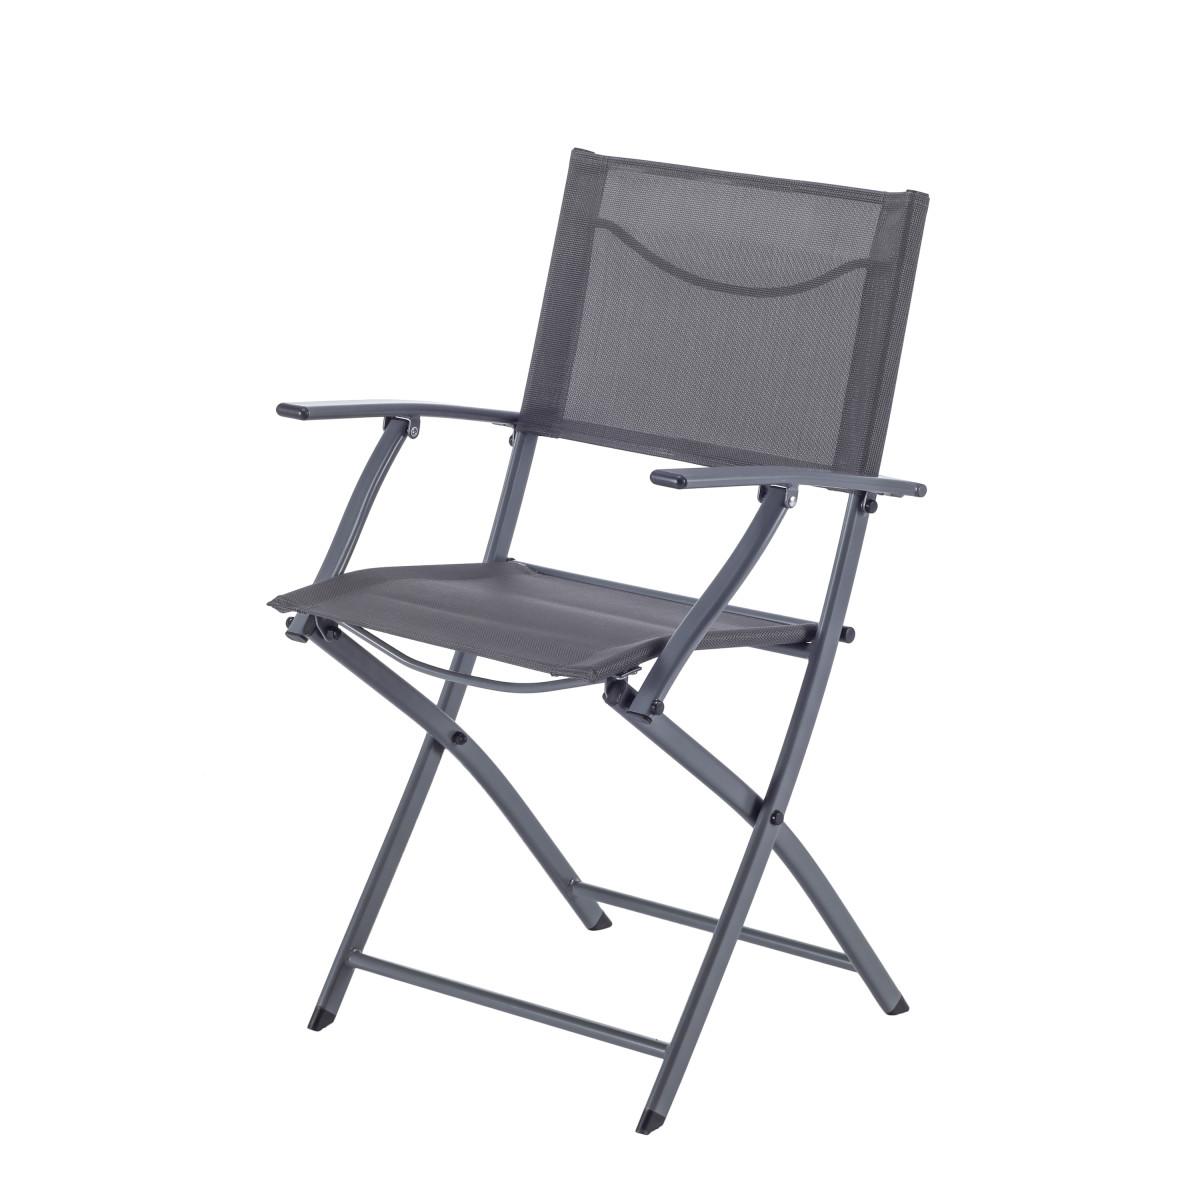 Кресло Naterial Emys Origami складное 54х52х83 см сталь темно-серый